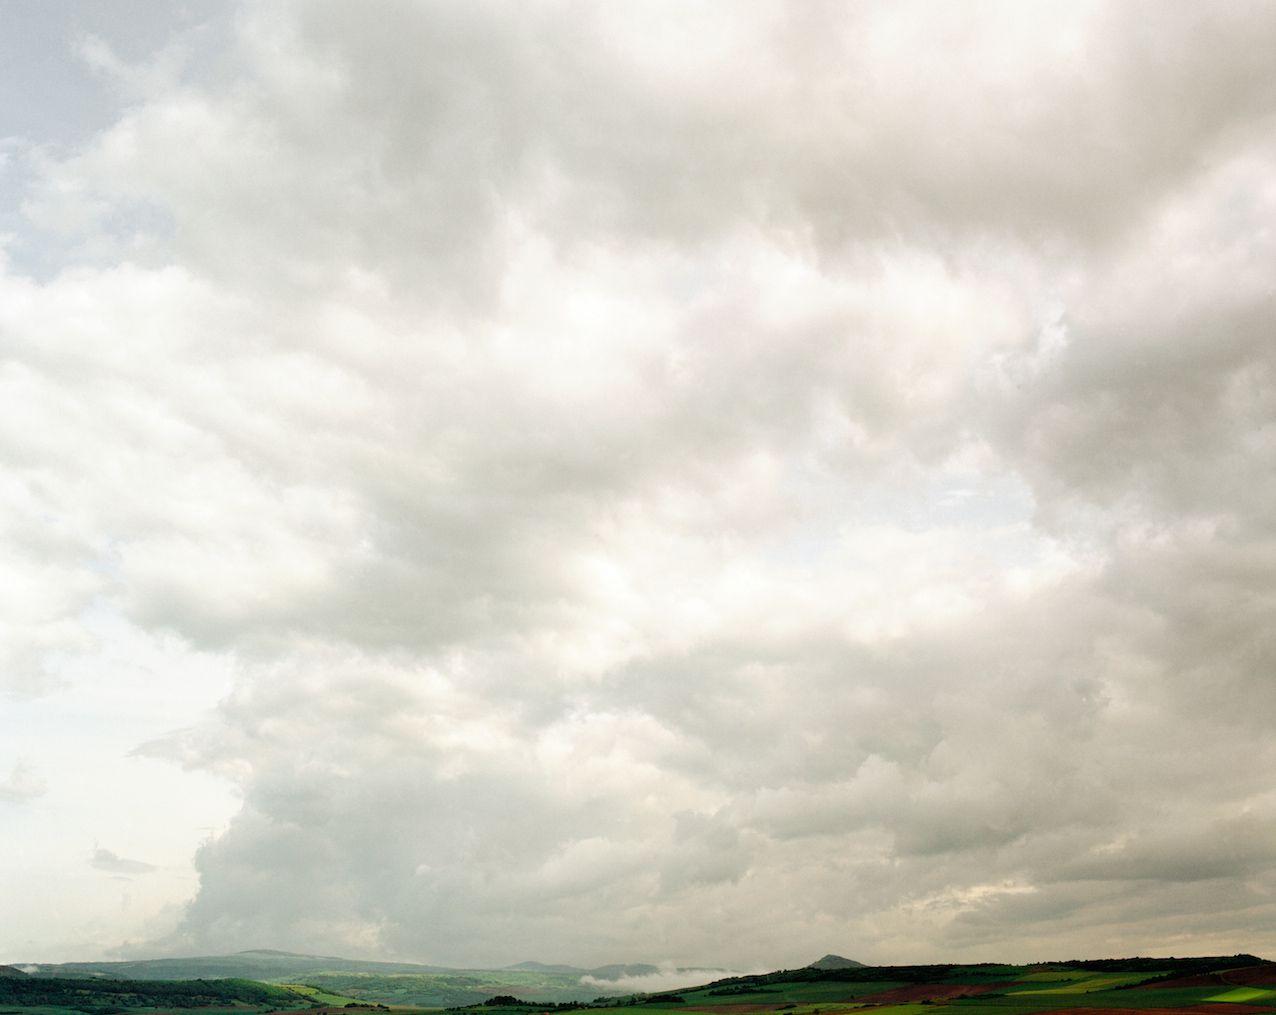 margaret-dearing-les-habitants-2c-2011-tirage-contrecolle-sur-dibon-100x125cm-a0684c4b412ca512527351c5ec471725